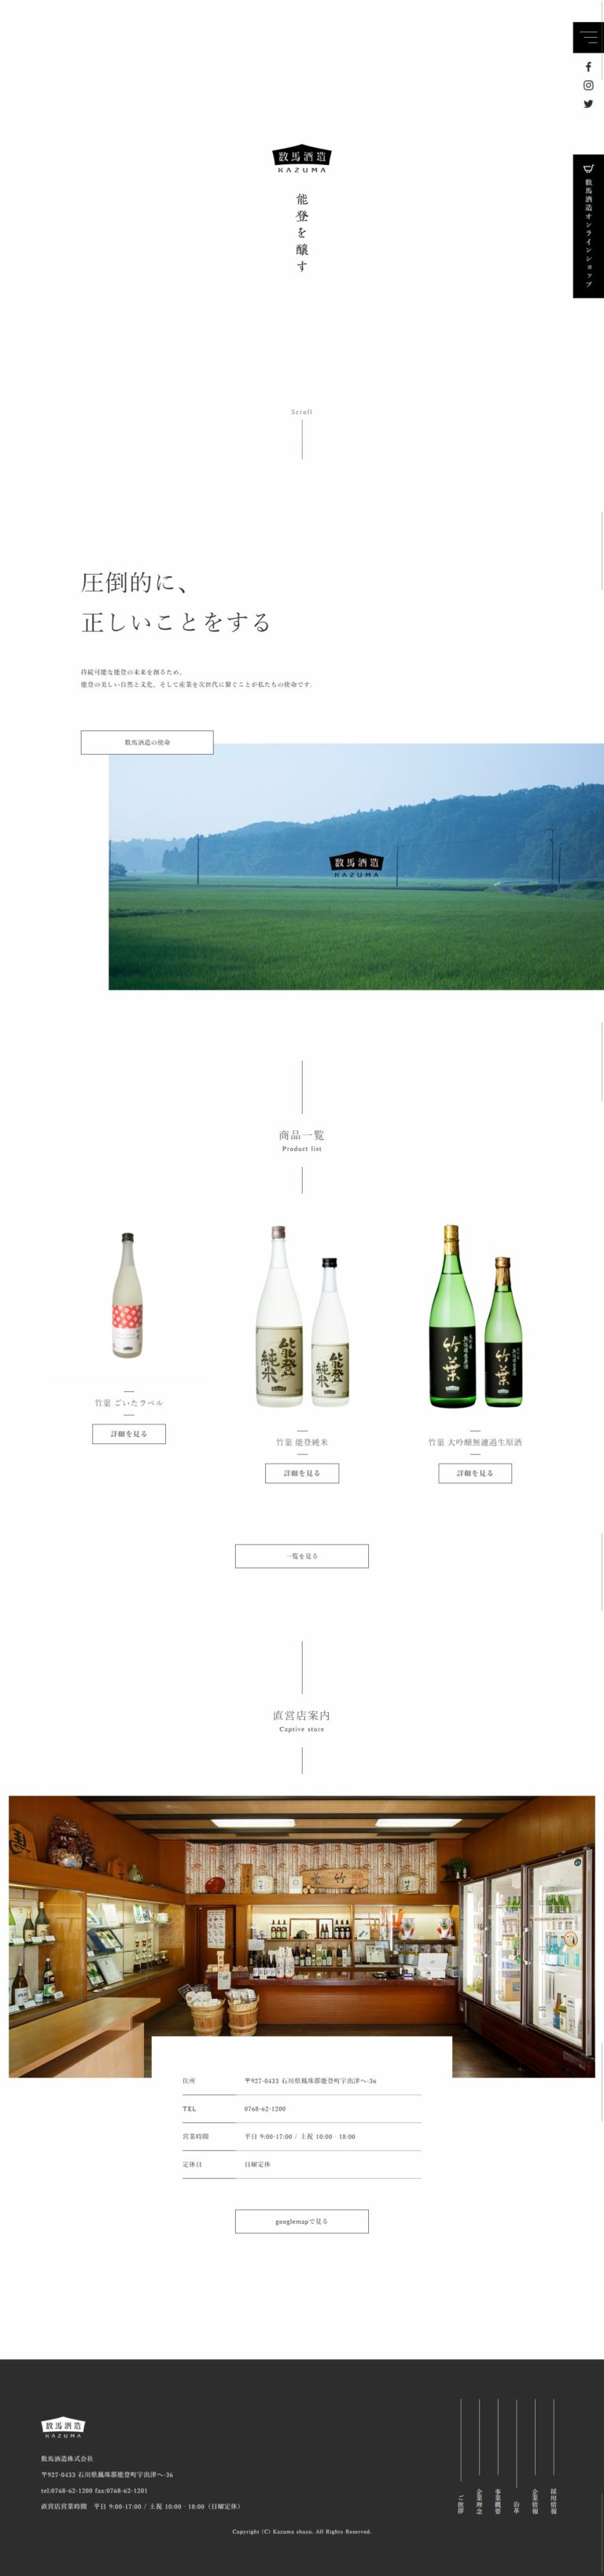 数馬酒造株式会社|能登の地酒「竹葉(ちくは)」